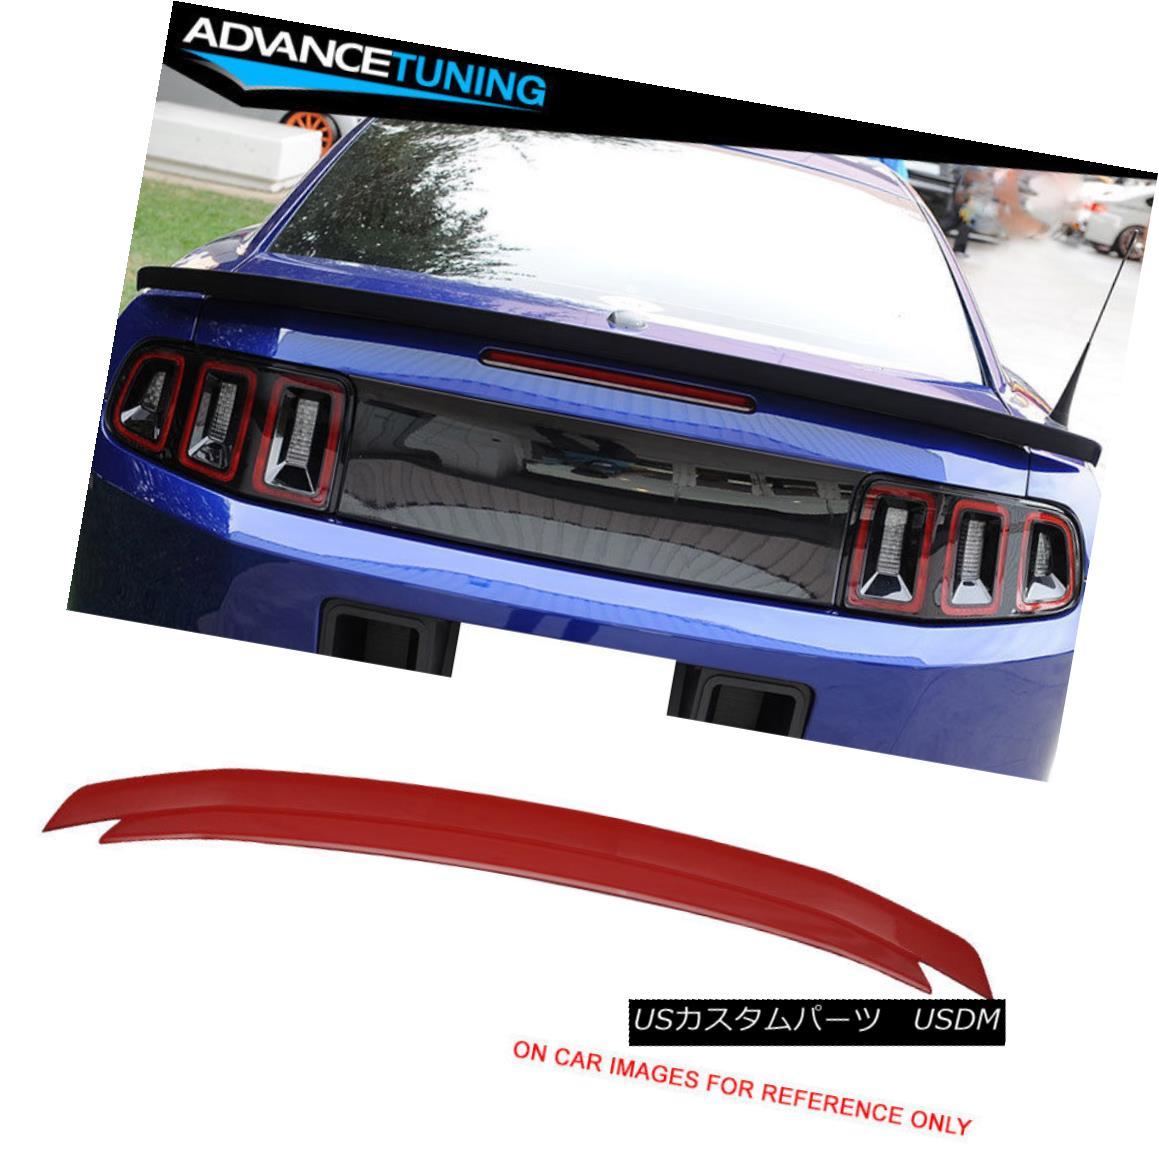 エアロパーツ 10-14 Ford Mustang Trunk Spoiler OEM Painted Color Race Red # PQ 10-14フォードマスタングトランクスポイラーOEM塗装カラーレースレッド#PQ